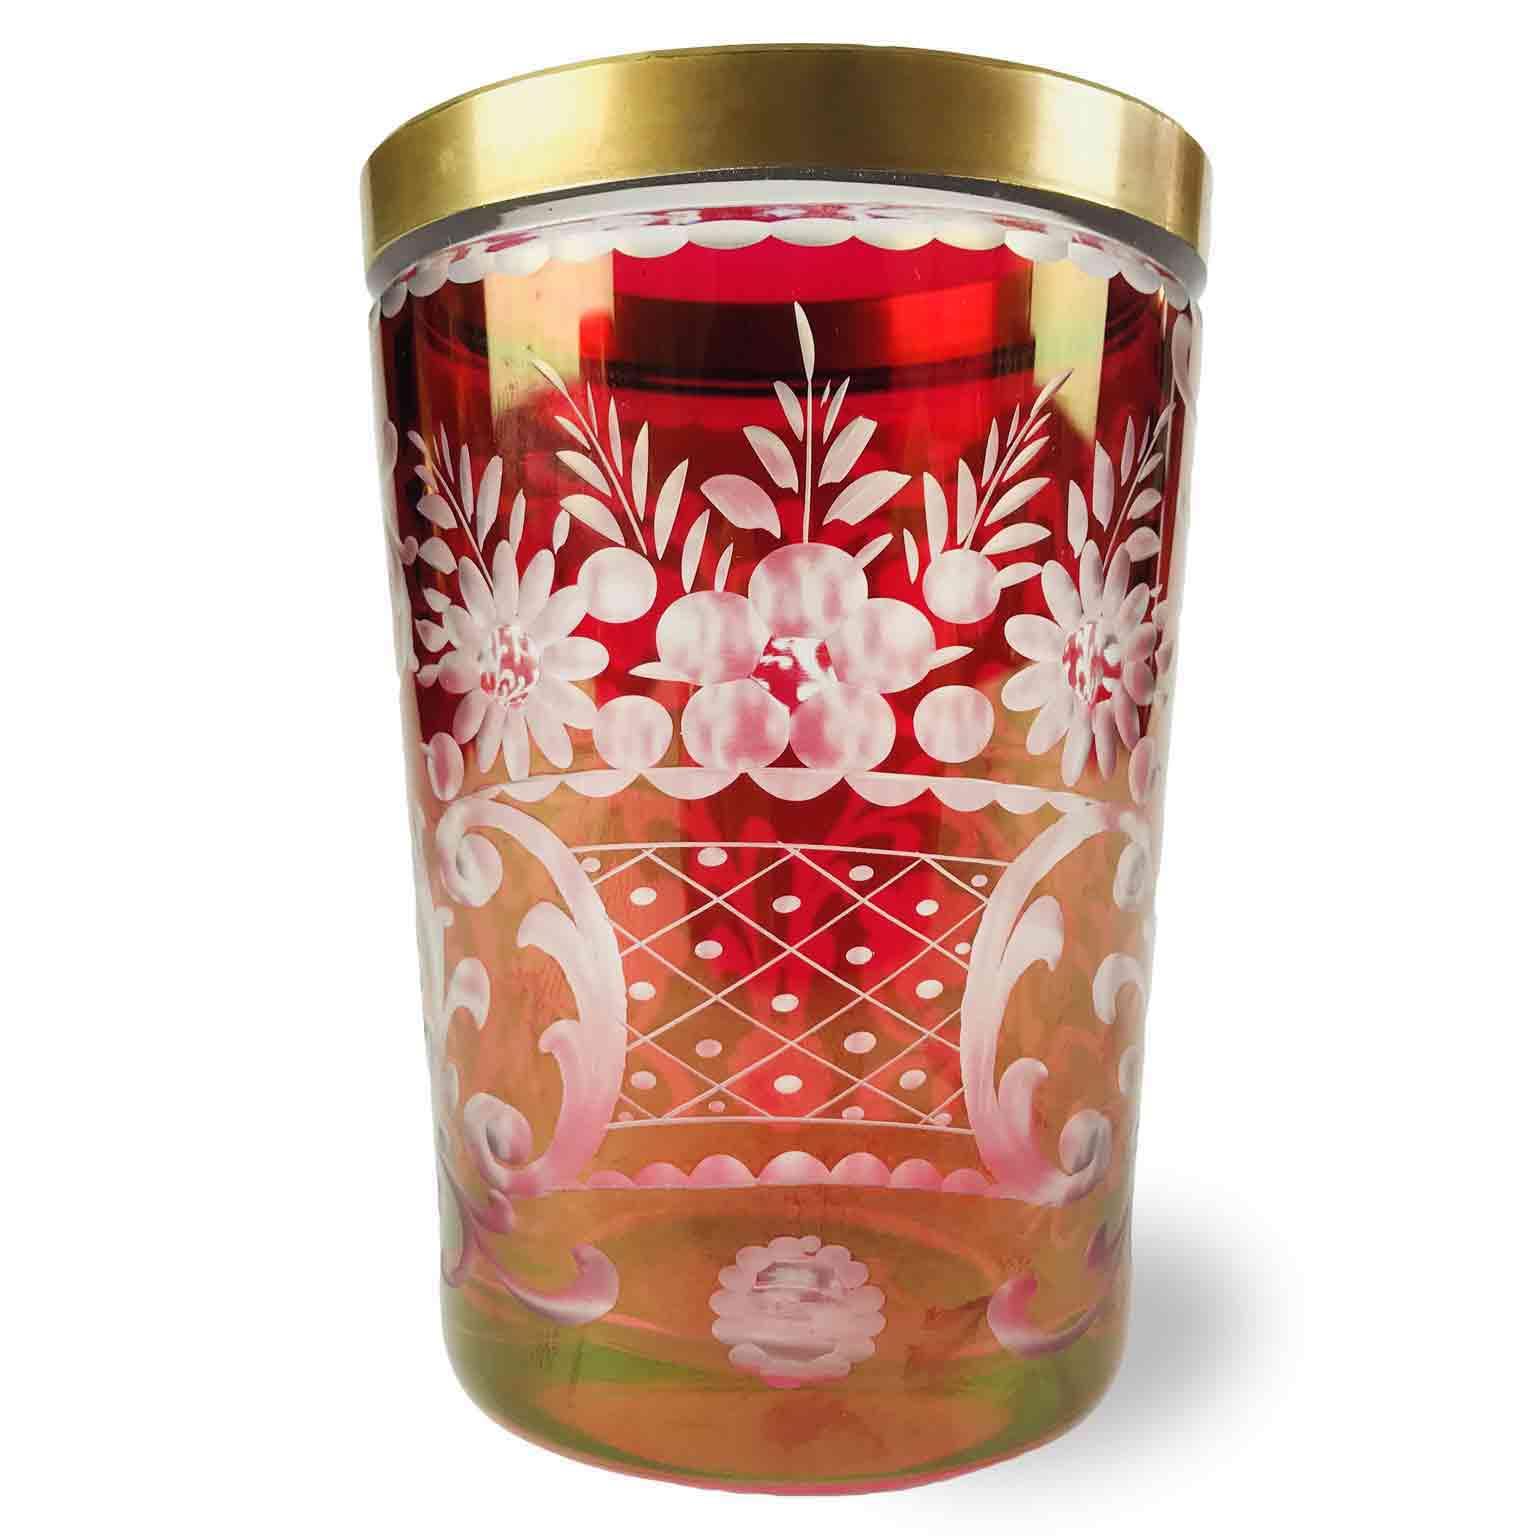 Bicchiere-Boemo-in-Cristallo-Rubino-Molato-con-Bordo-Dorato